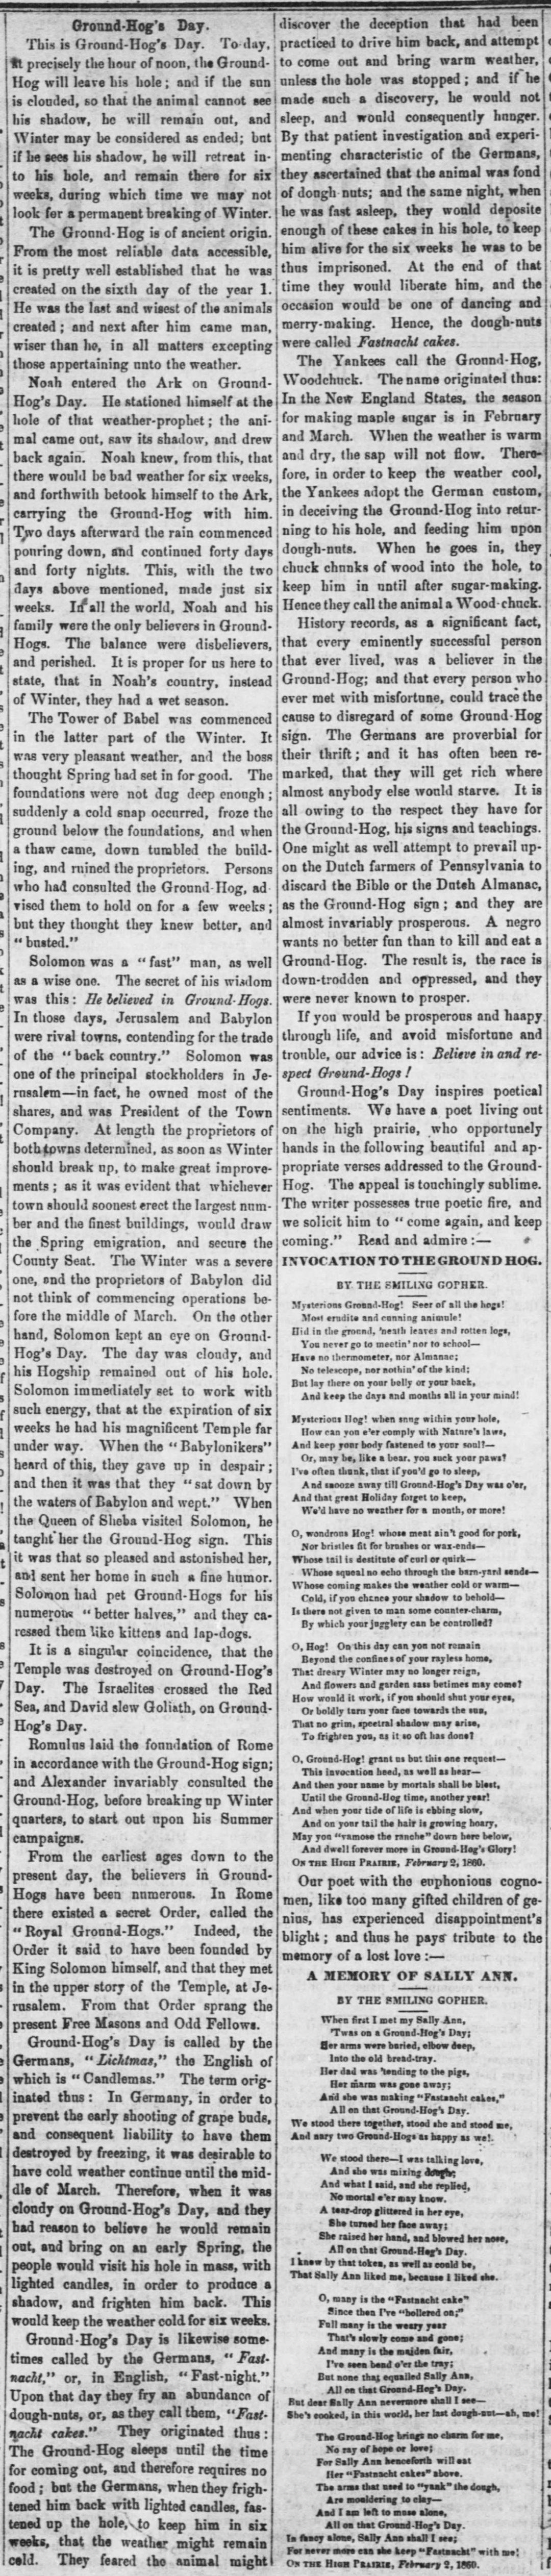 White_Cloud_Kansas_Chief_Thu__Feb_2__1860_